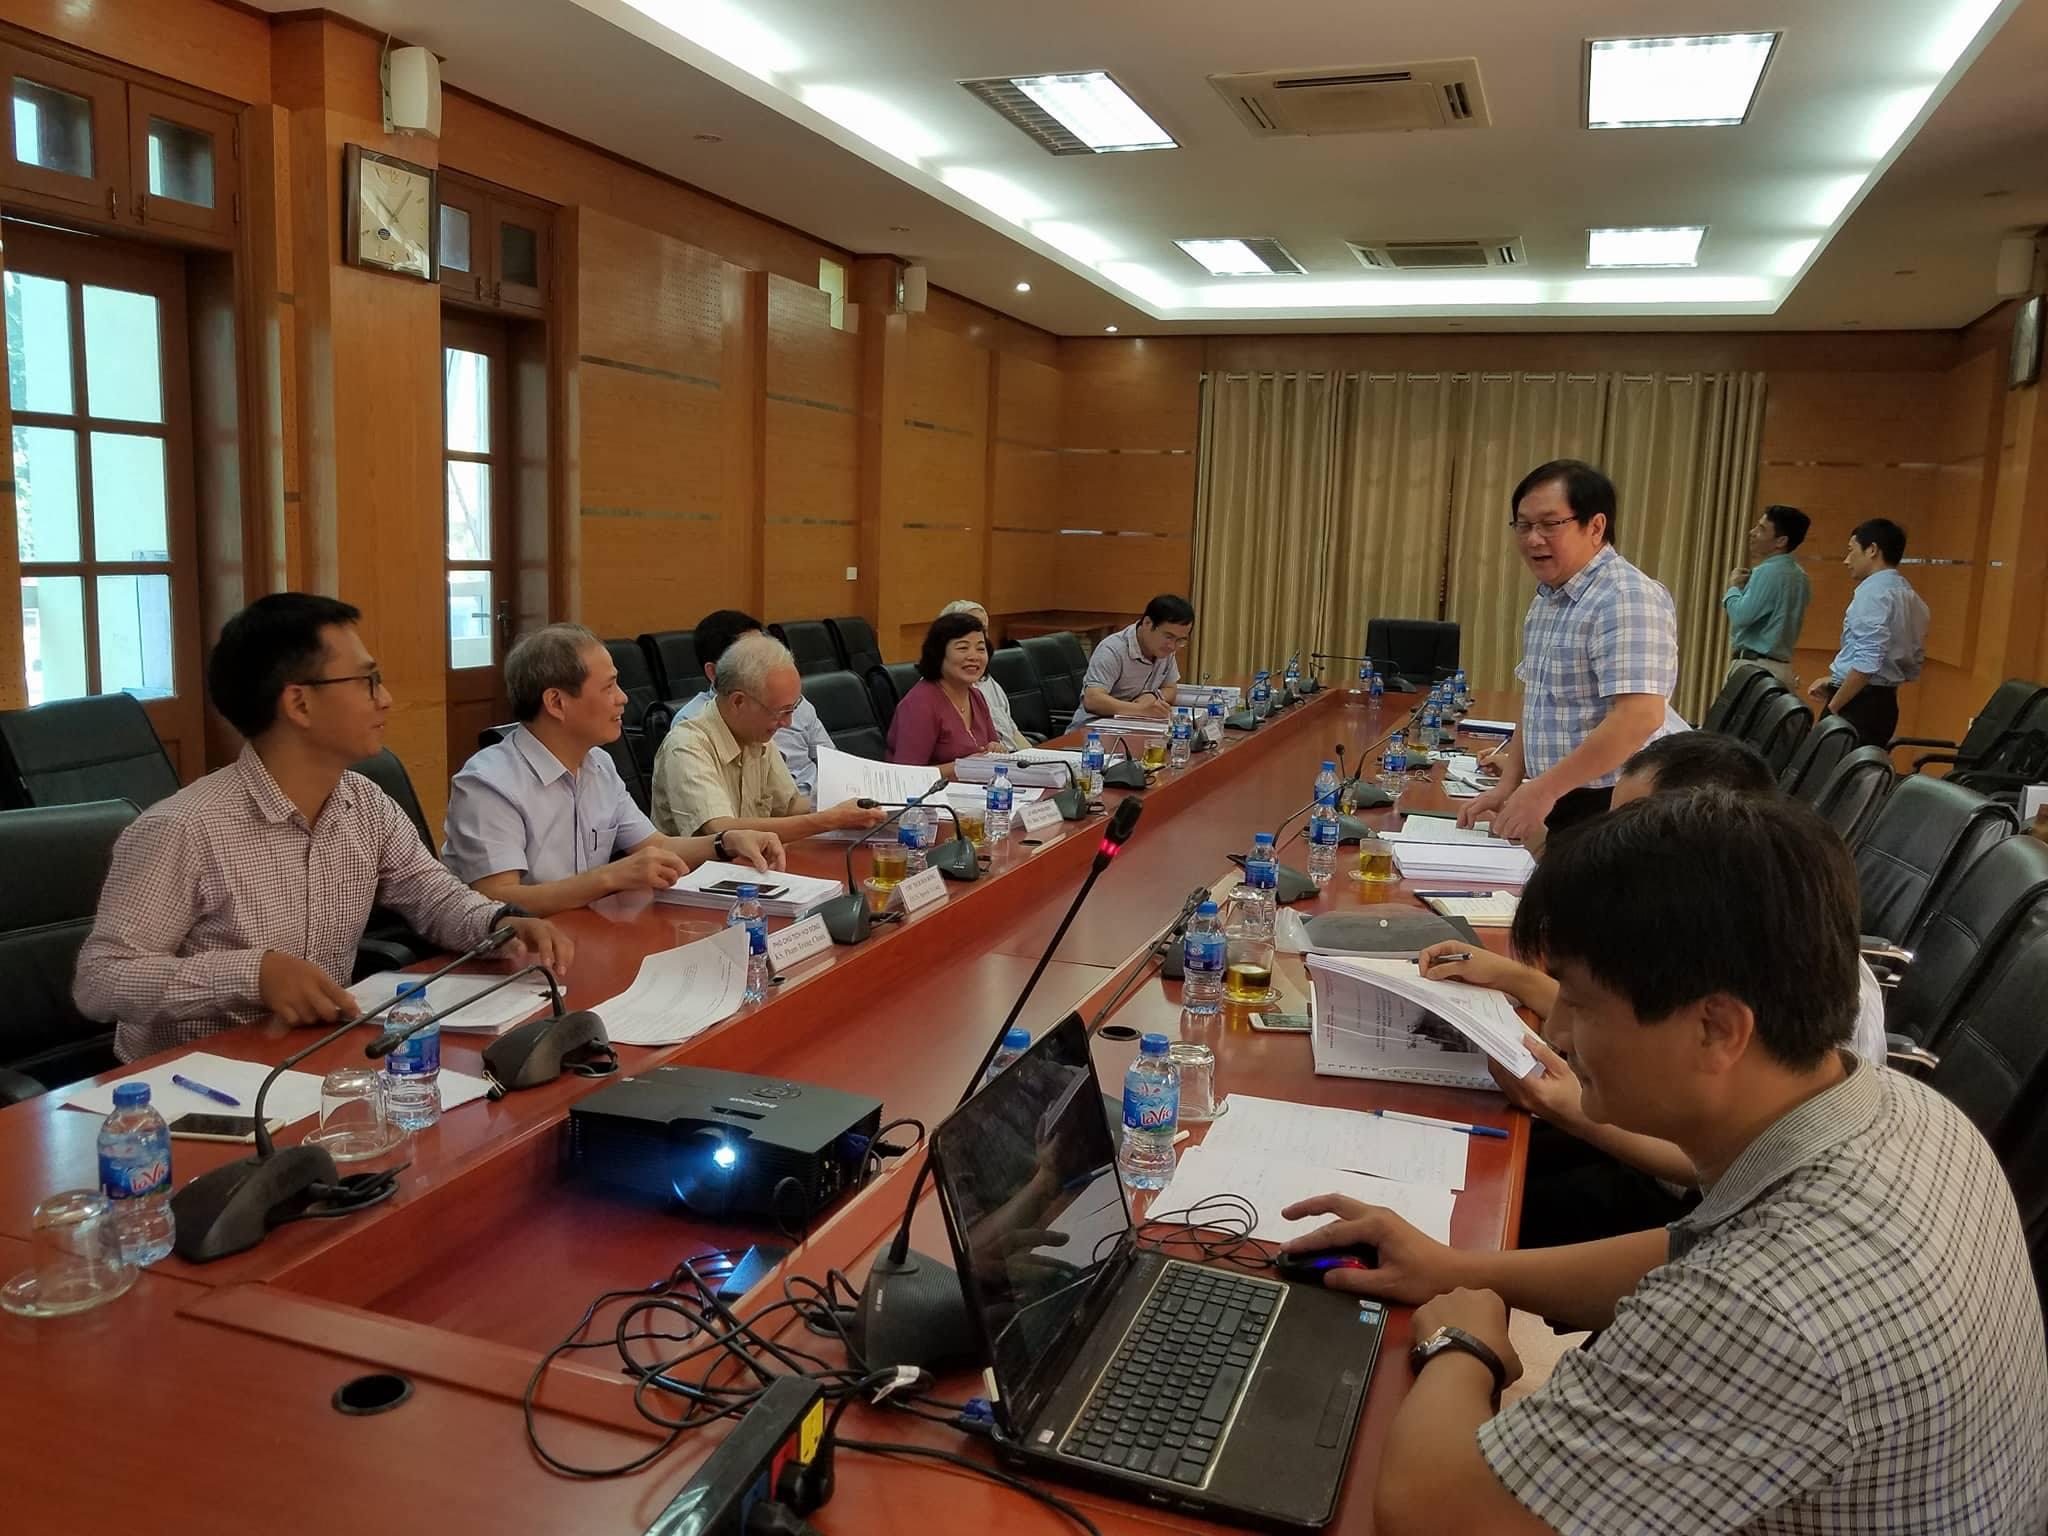 """Họp nghiệm thu đề tài """"Bảo tồn phát triển làng nghề truyền thống thành phố Hà Nội gắn với phát triển du lịch"""""""